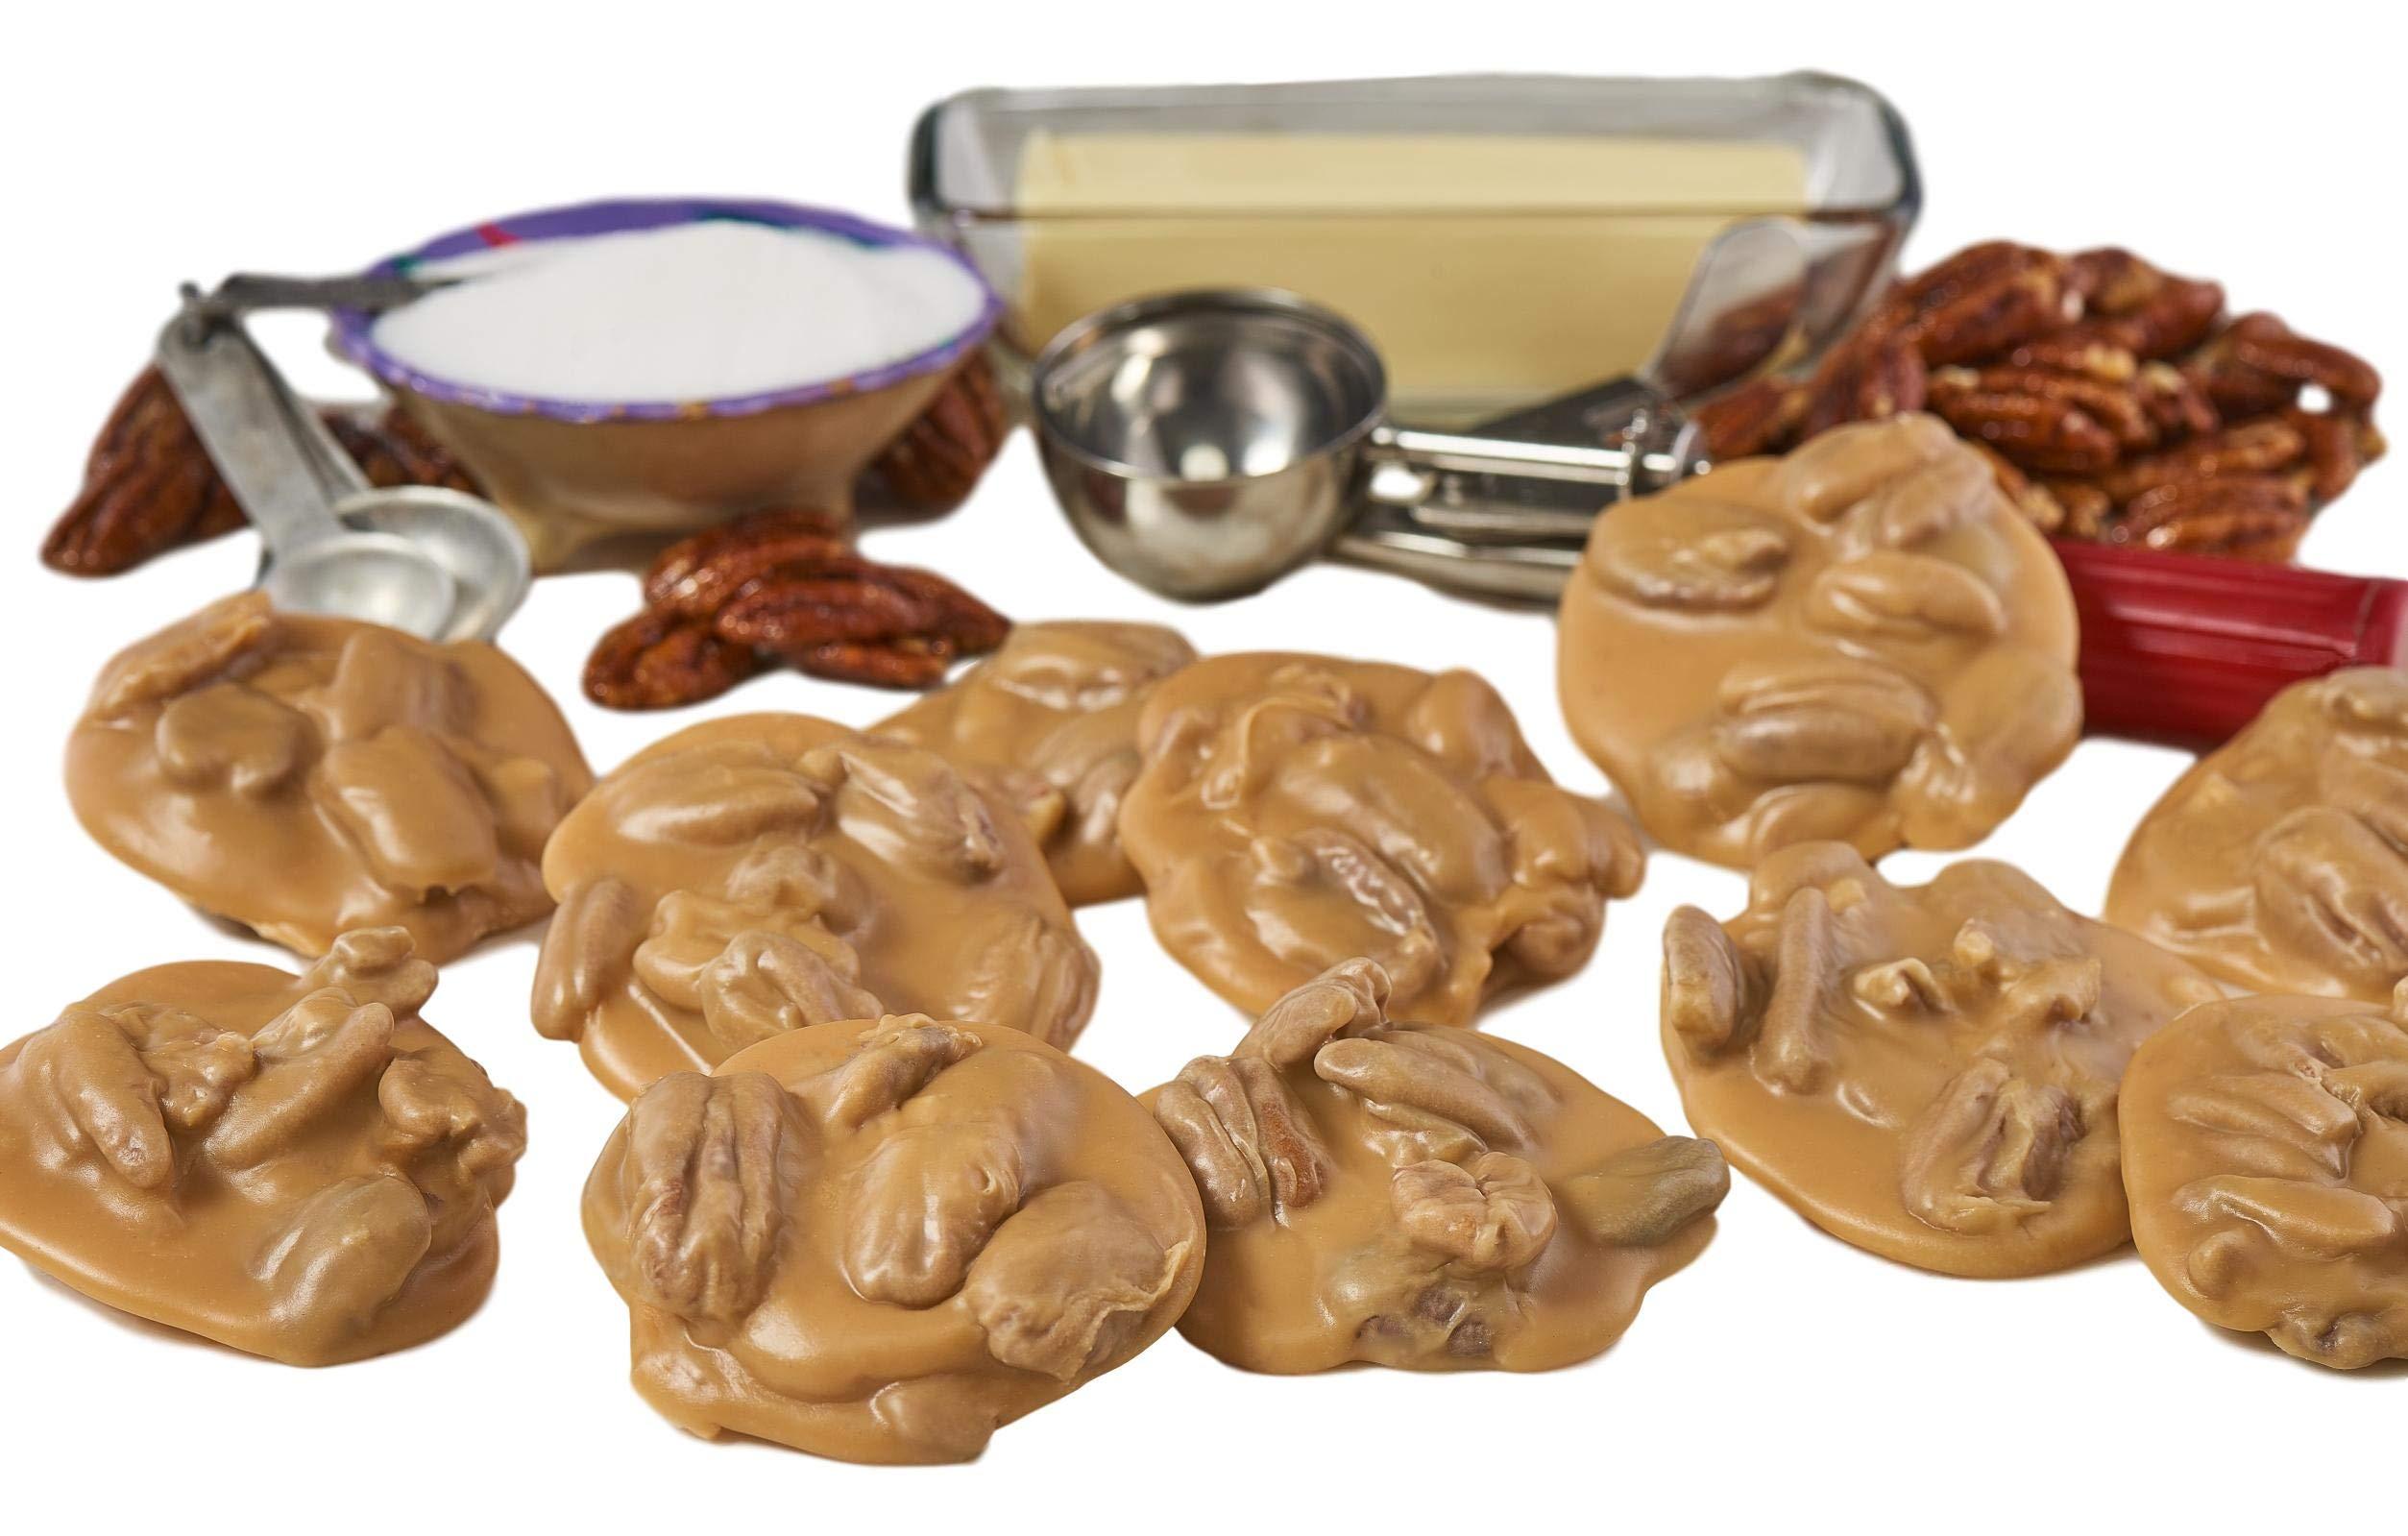 Hot & Fresh Pecan Pralines | Savannah's Candy Kitchen - Includes Praline Baking Mat